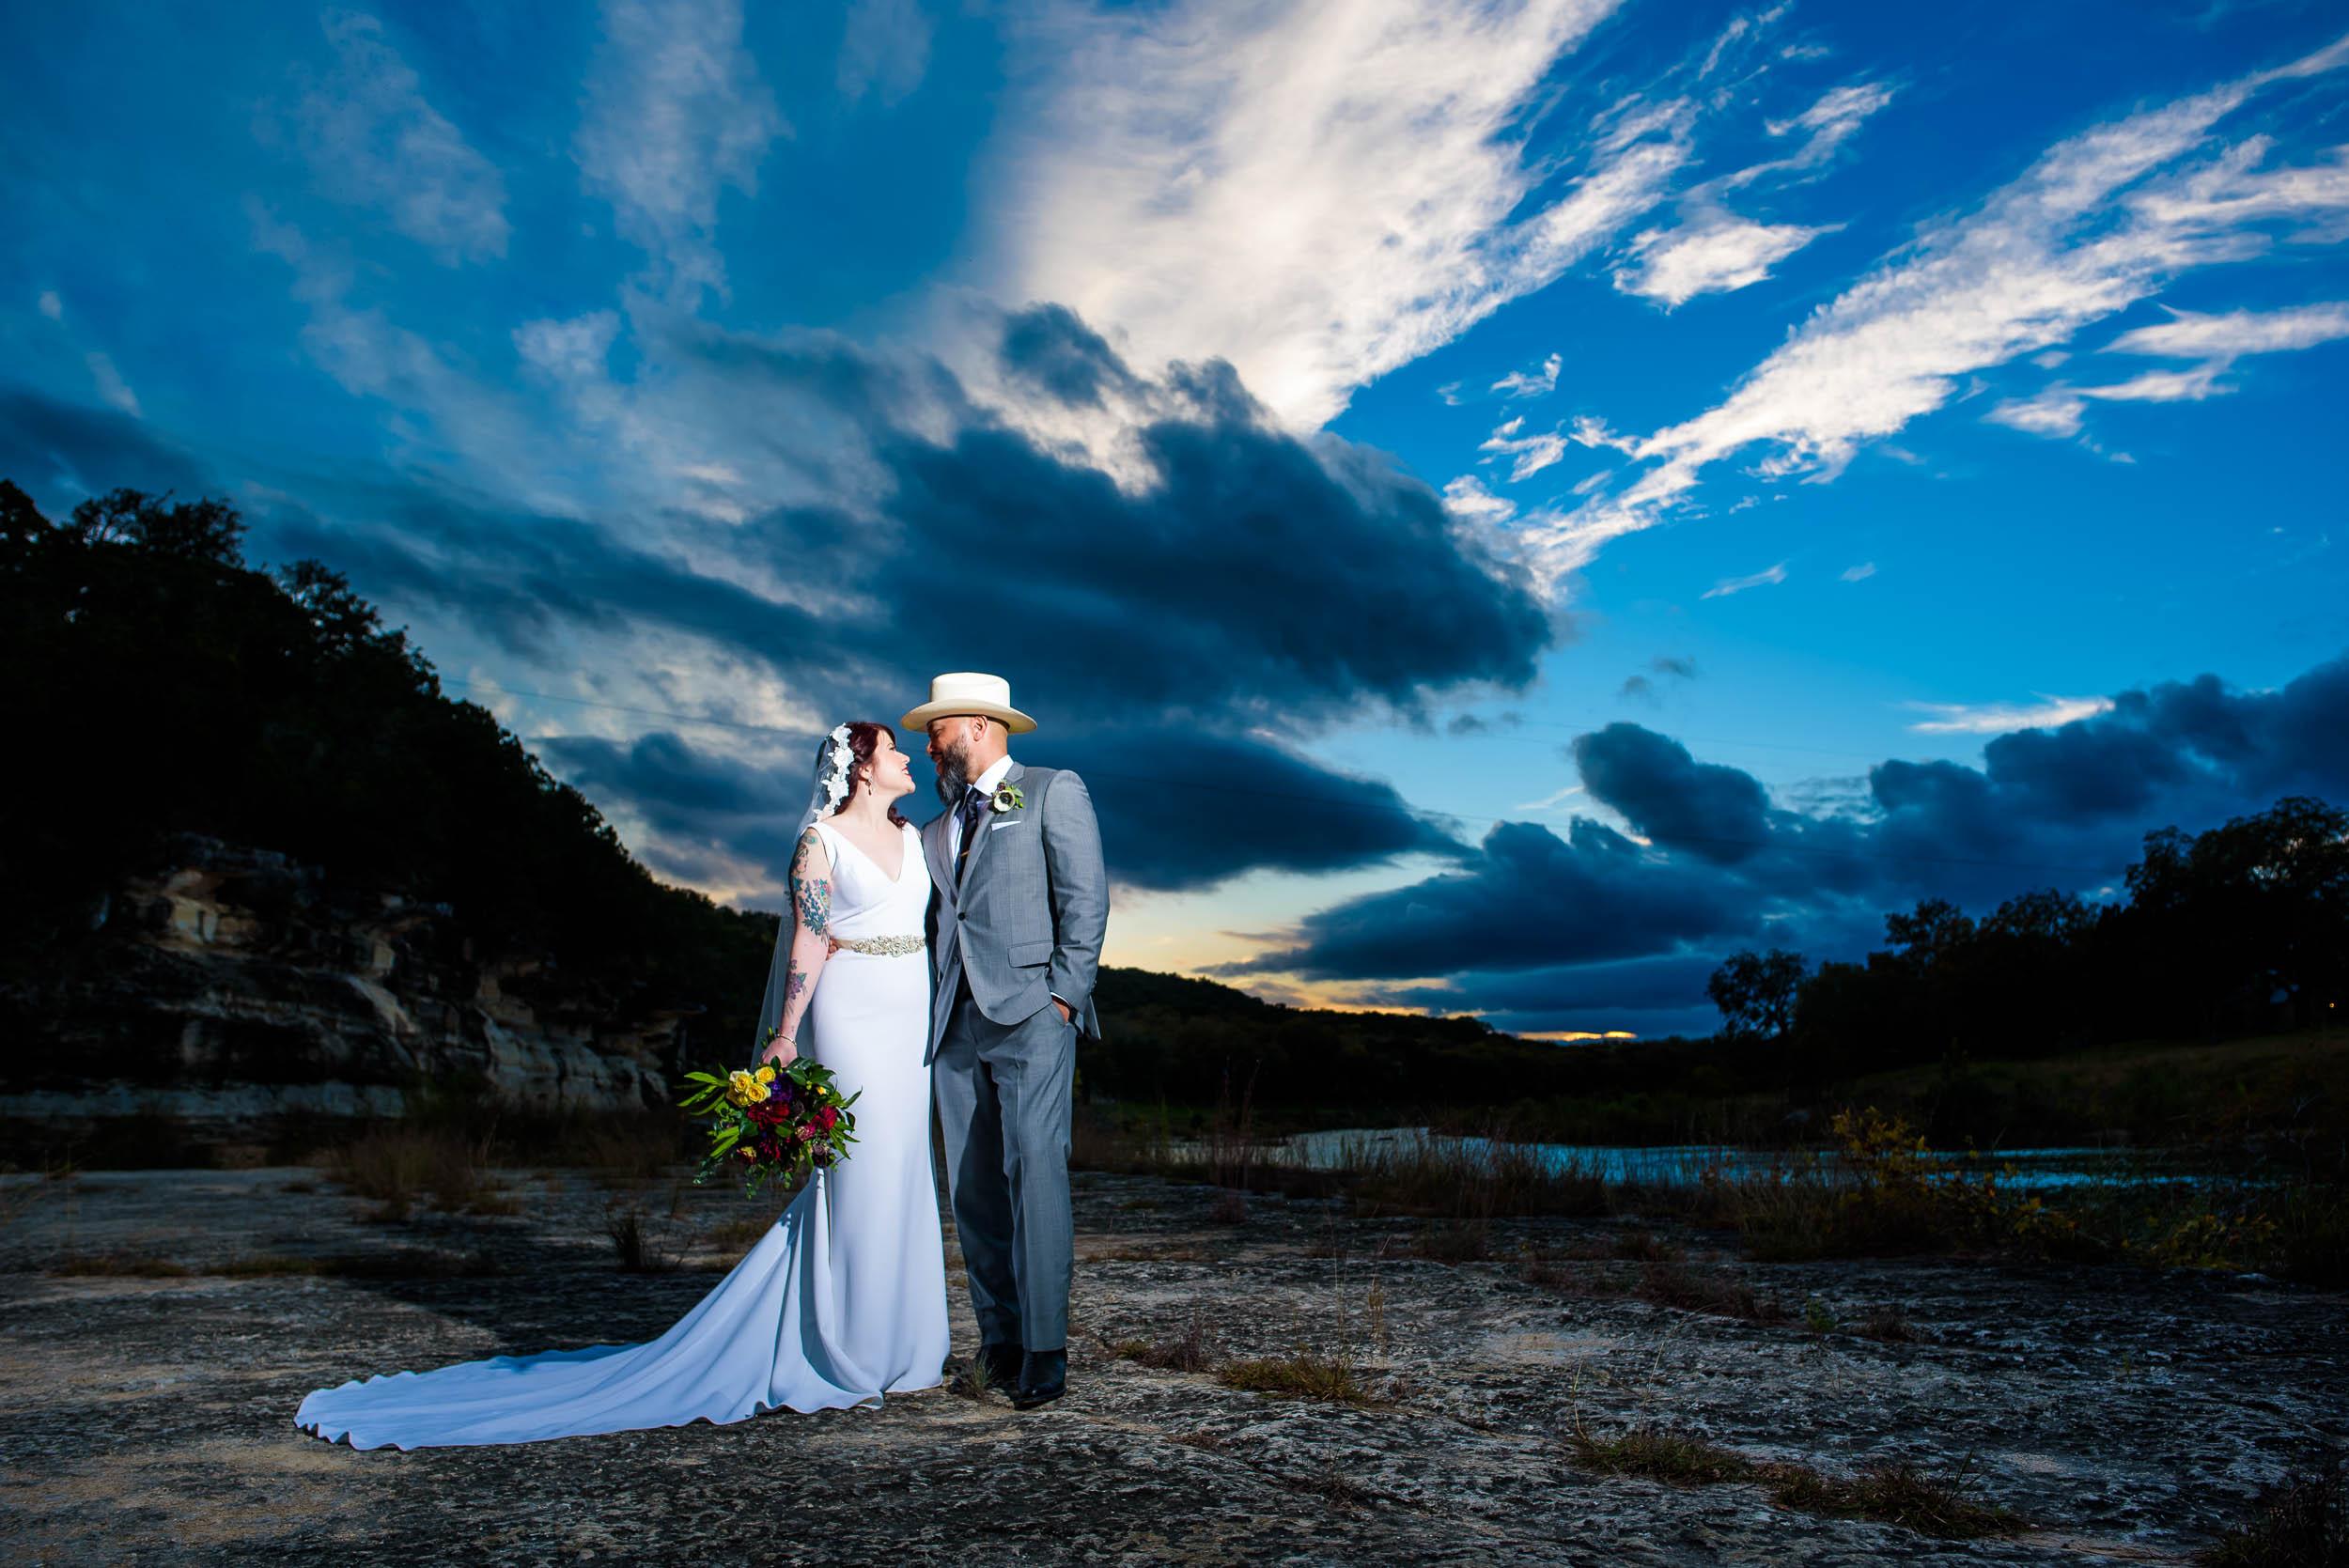 montesino-ranch-wedding-jbrownphotography-51.jpg